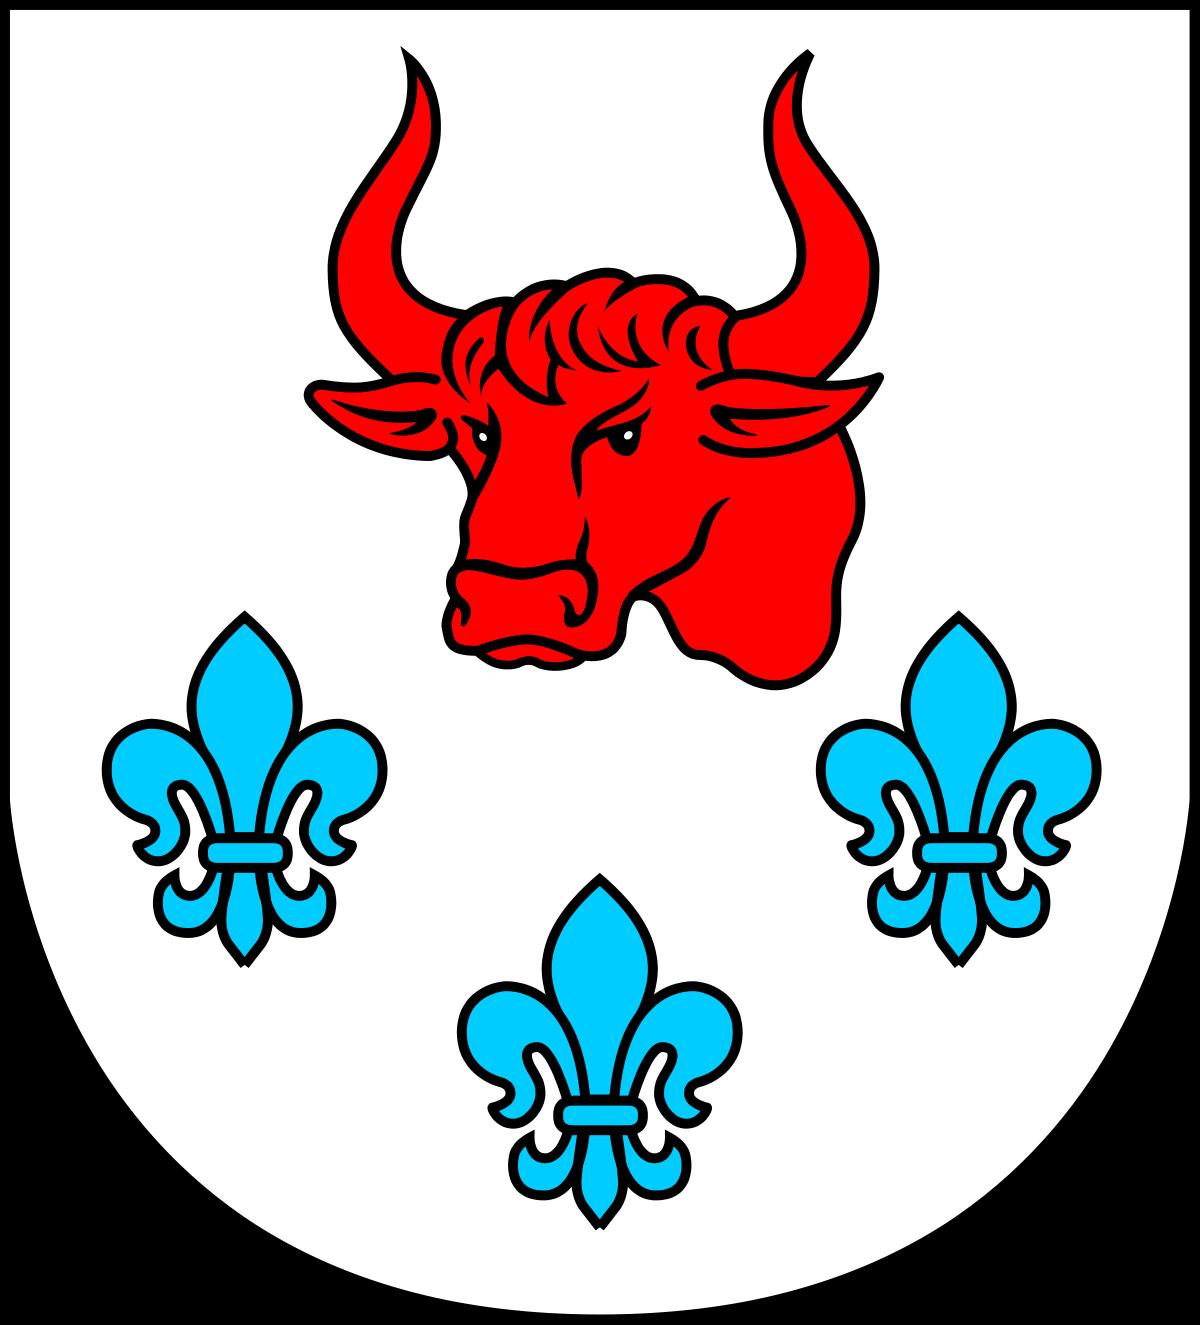 Herbem gminy Turek jest czerwony łeb tura w srebrnym (białym) polu, poniżej którego znajdują się trzy błękitne lilie.